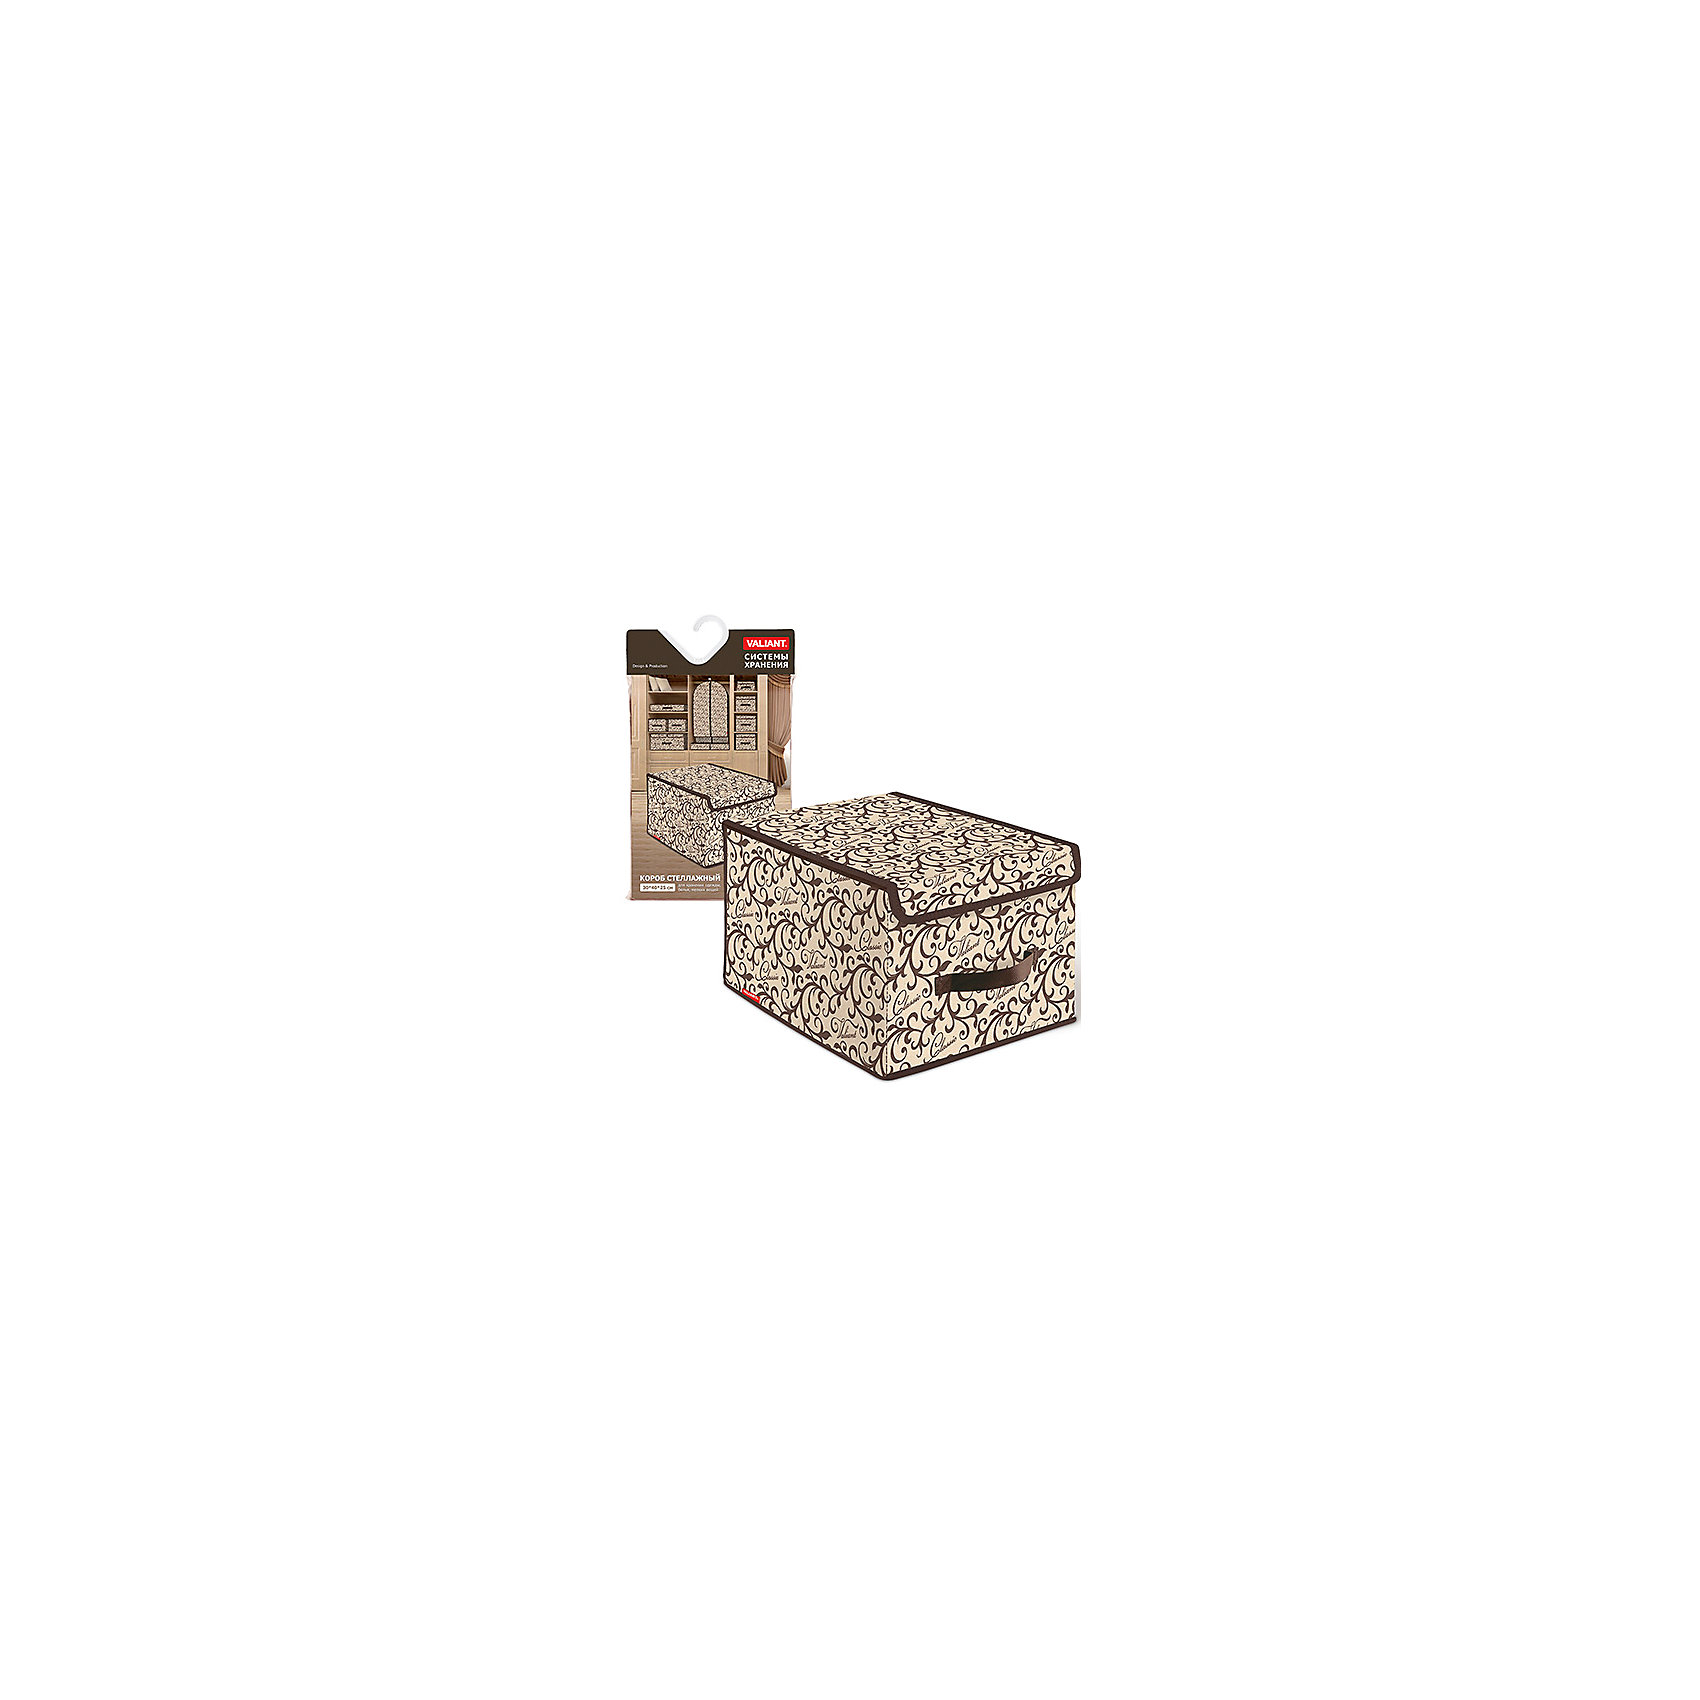 VALIANT Короб стеллажный с крышкой, большой, 30*40*25 см, CLASSIC, Valiant